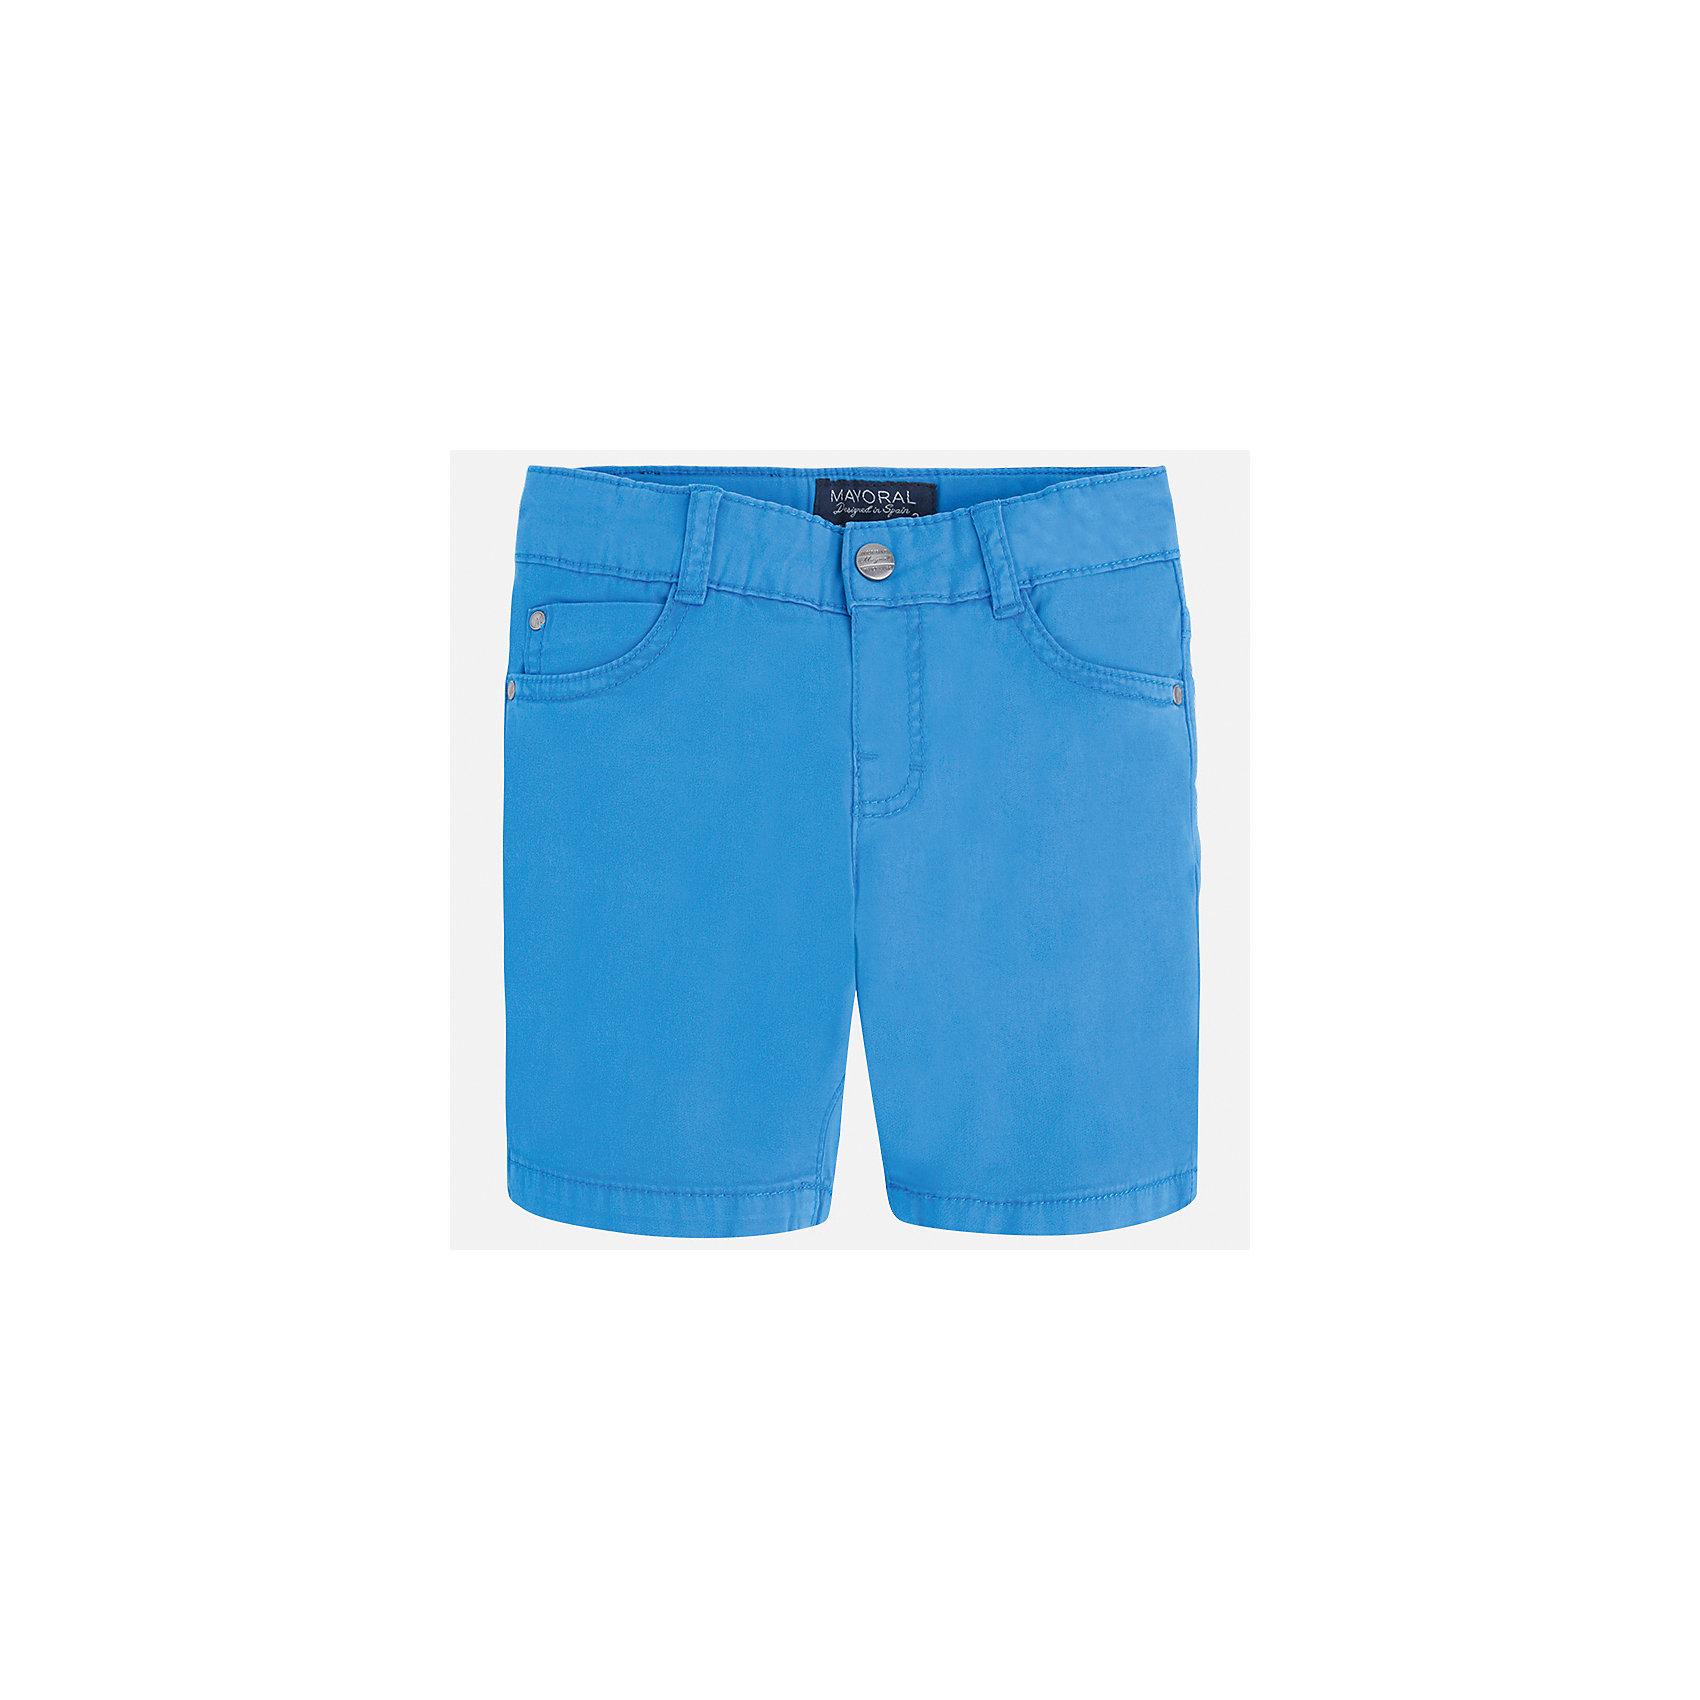 Бриджи для мальчика MayoralШорты, бриджи, капри<br>Характеристики товара:<br><br>• цвет: голубой<br>• состав: 98% хлопок, 2% эластан<br>• застежка: пуговица<br>• шлевки<br>• карманы<br>• пояс с регулировкой объема<br>• классический силуэт<br>• страна бренда: Испания<br><br>Модные бриджи для мальчика смогут стать базовой вещью в гардеробе ребенка. Они отлично сочетаются с майками, футболками, рубашками и т.д. Универсальный крой и цвет позволяет подобрать к вещи верх разных расцветок. Практичное и стильное изделие! В составе материала - натуральный хлопок, гипоаллергенный, приятный на ощупь, дышащий.<br><br>Одежда, обувь и аксессуары от испанского бренда Mayoral полюбились детям и взрослым по всему миру. Модели этой марки - стильные и удобные. Для их производства используются только безопасные, качественные материалы и фурнитура. Порадуйте ребенка модными и красивыми вещами от Mayoral! <br><br>Бриджи для мальчика от испанского бренда Mayoral (Майорал) можно купить в нашем интернет-магазине.<br><br>Ширина мм: 191<br>Глубина мм: 10<br>Высота мм: 175<br>Вес г: 273<br>Цвет: синий<br>Возраст от месяцев: 96<br>Возраст до месяцев: 108<br>Пол: Мужской<br>Возраст: Детский<br>Размер: 134,92,98,104,110,116,122,128<br>SKU: 5277855